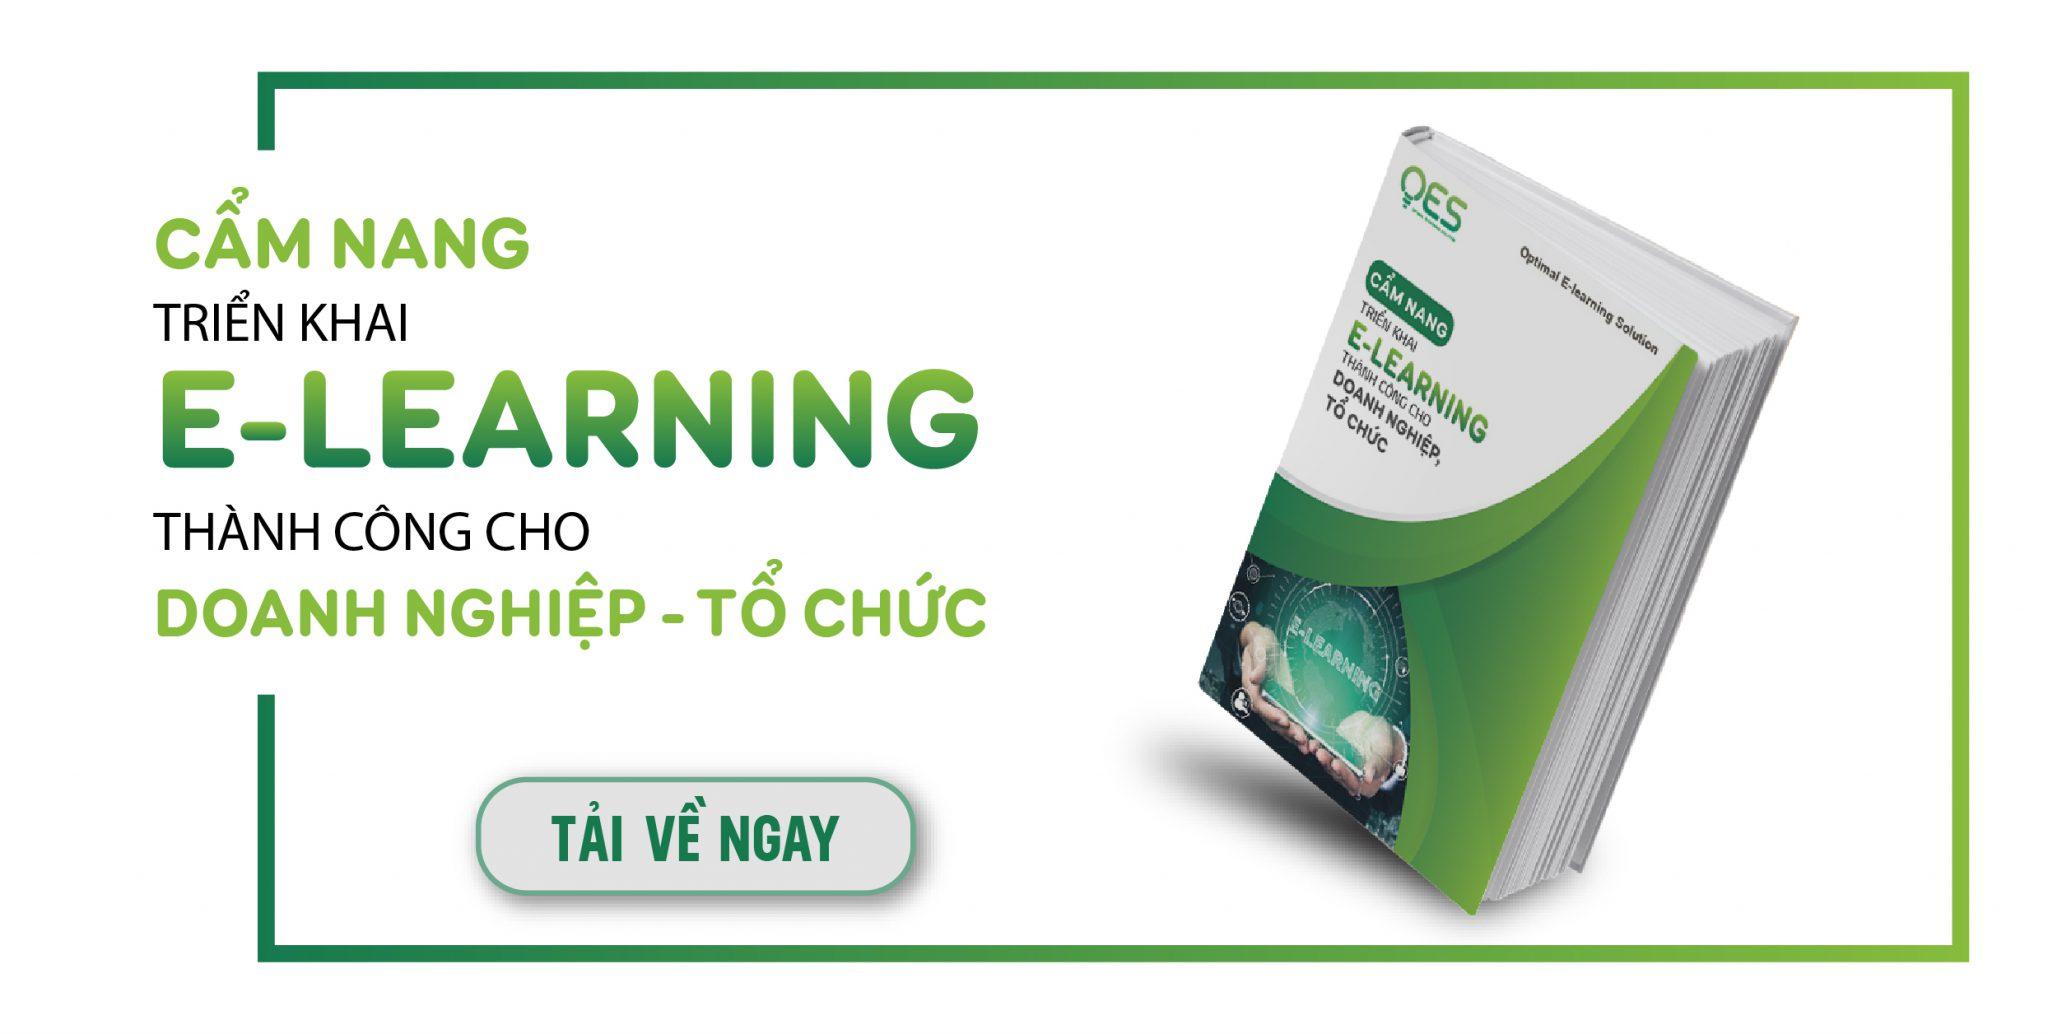 dao-tao-truc-tuyen-e-learning-gat-het-au-lo-voi-8-buoc-lua-chon-he-thong-lms-cho-lop-hoc-truc-tuyen